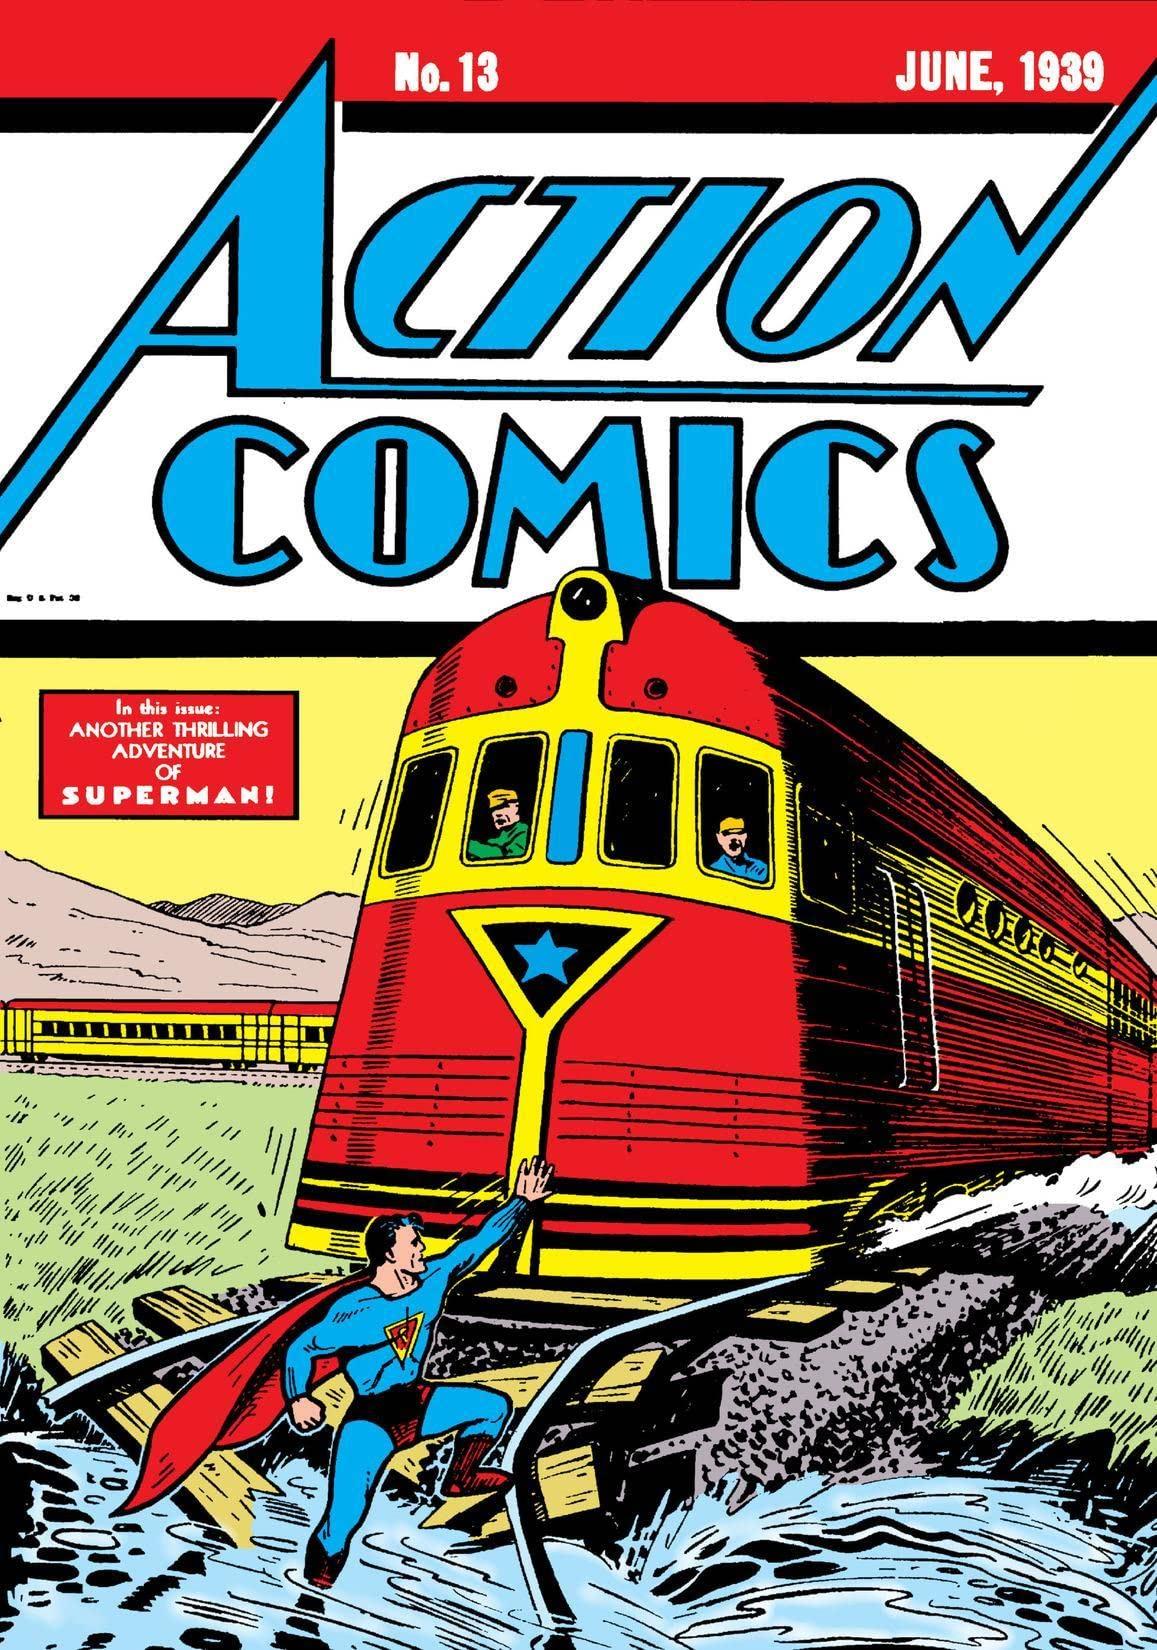 """DC Comics """"Action Comics #13"""" June, 1939"""